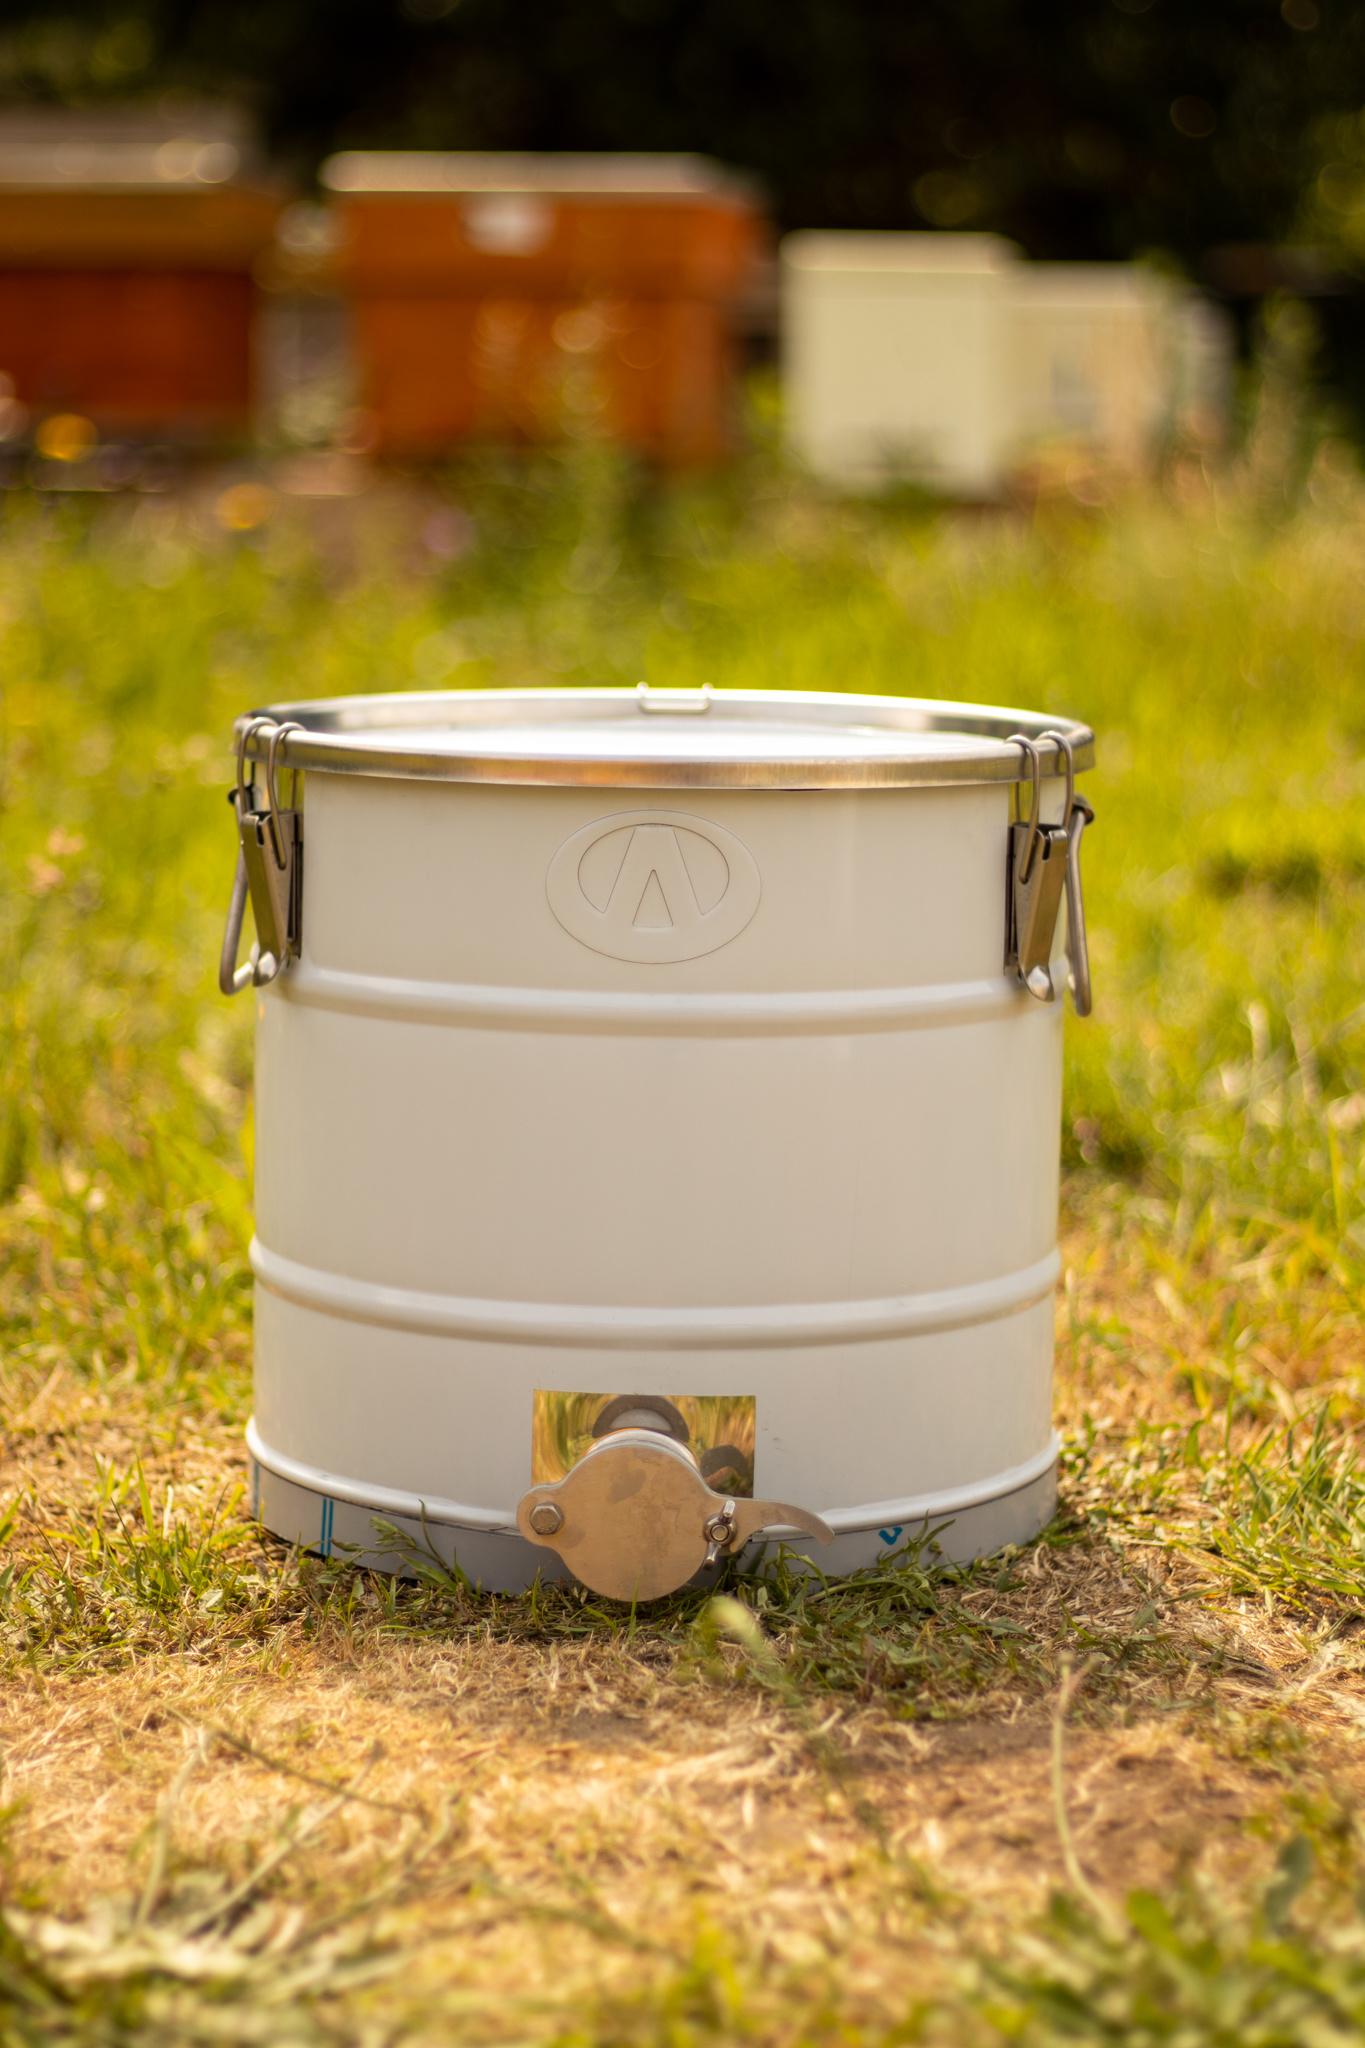 Apini rijper - 30 kg met inox snijkraan en hermetische dichting-1